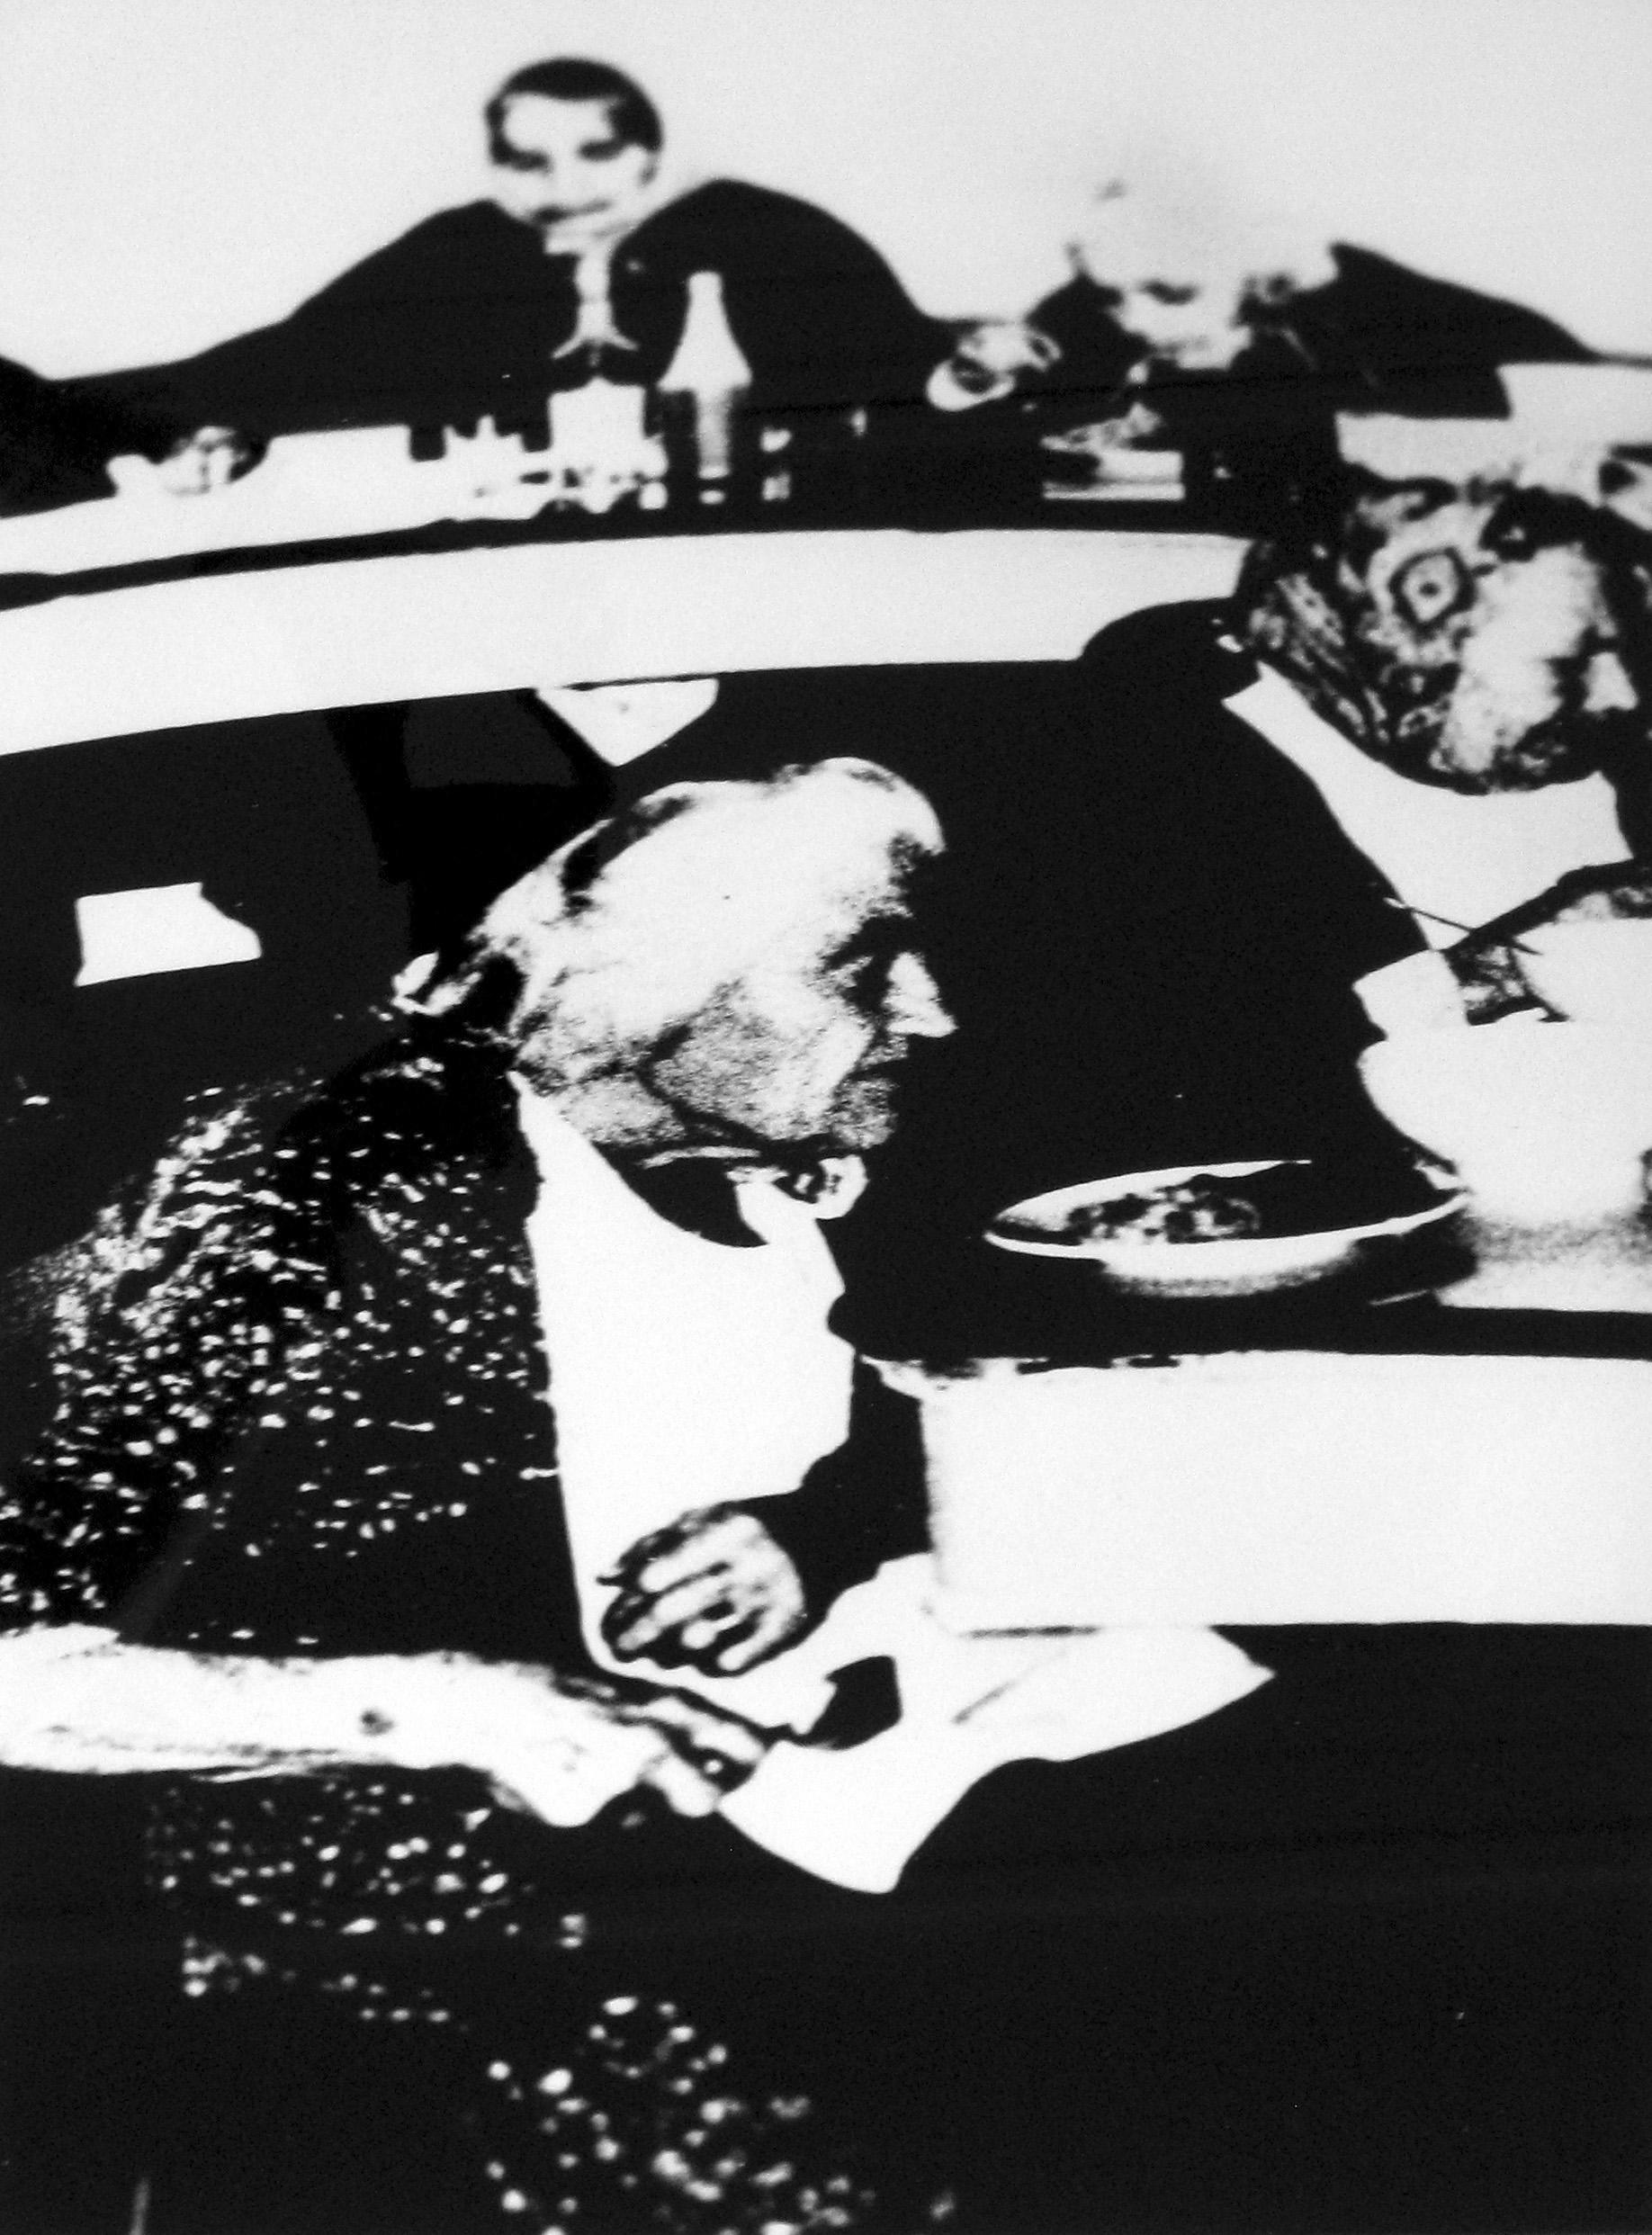 Mario Giacomelli, Italian (b. 1925, d. 2000)     Verra la morte e avra i tuoi occhi,    1966-68    Silver gelatin photograph    15.5 x 1l.5 inches